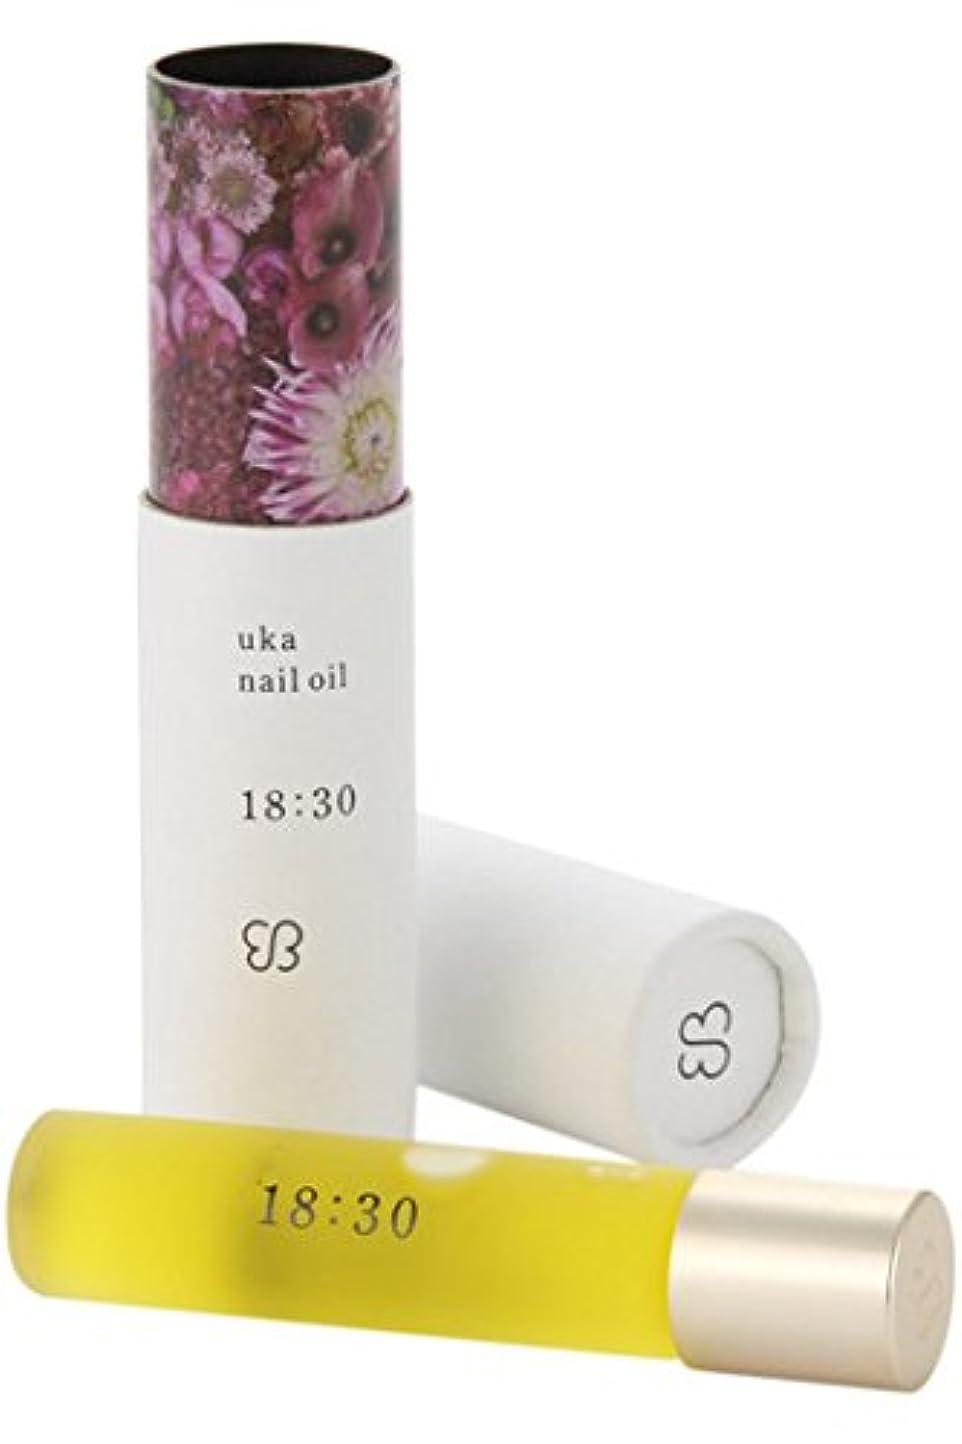 立ち寄る器用シャイウカ(uka) ネイルオイル 18:30(イチハチサンゼロ)〈フェミニンな香り〉 5ml